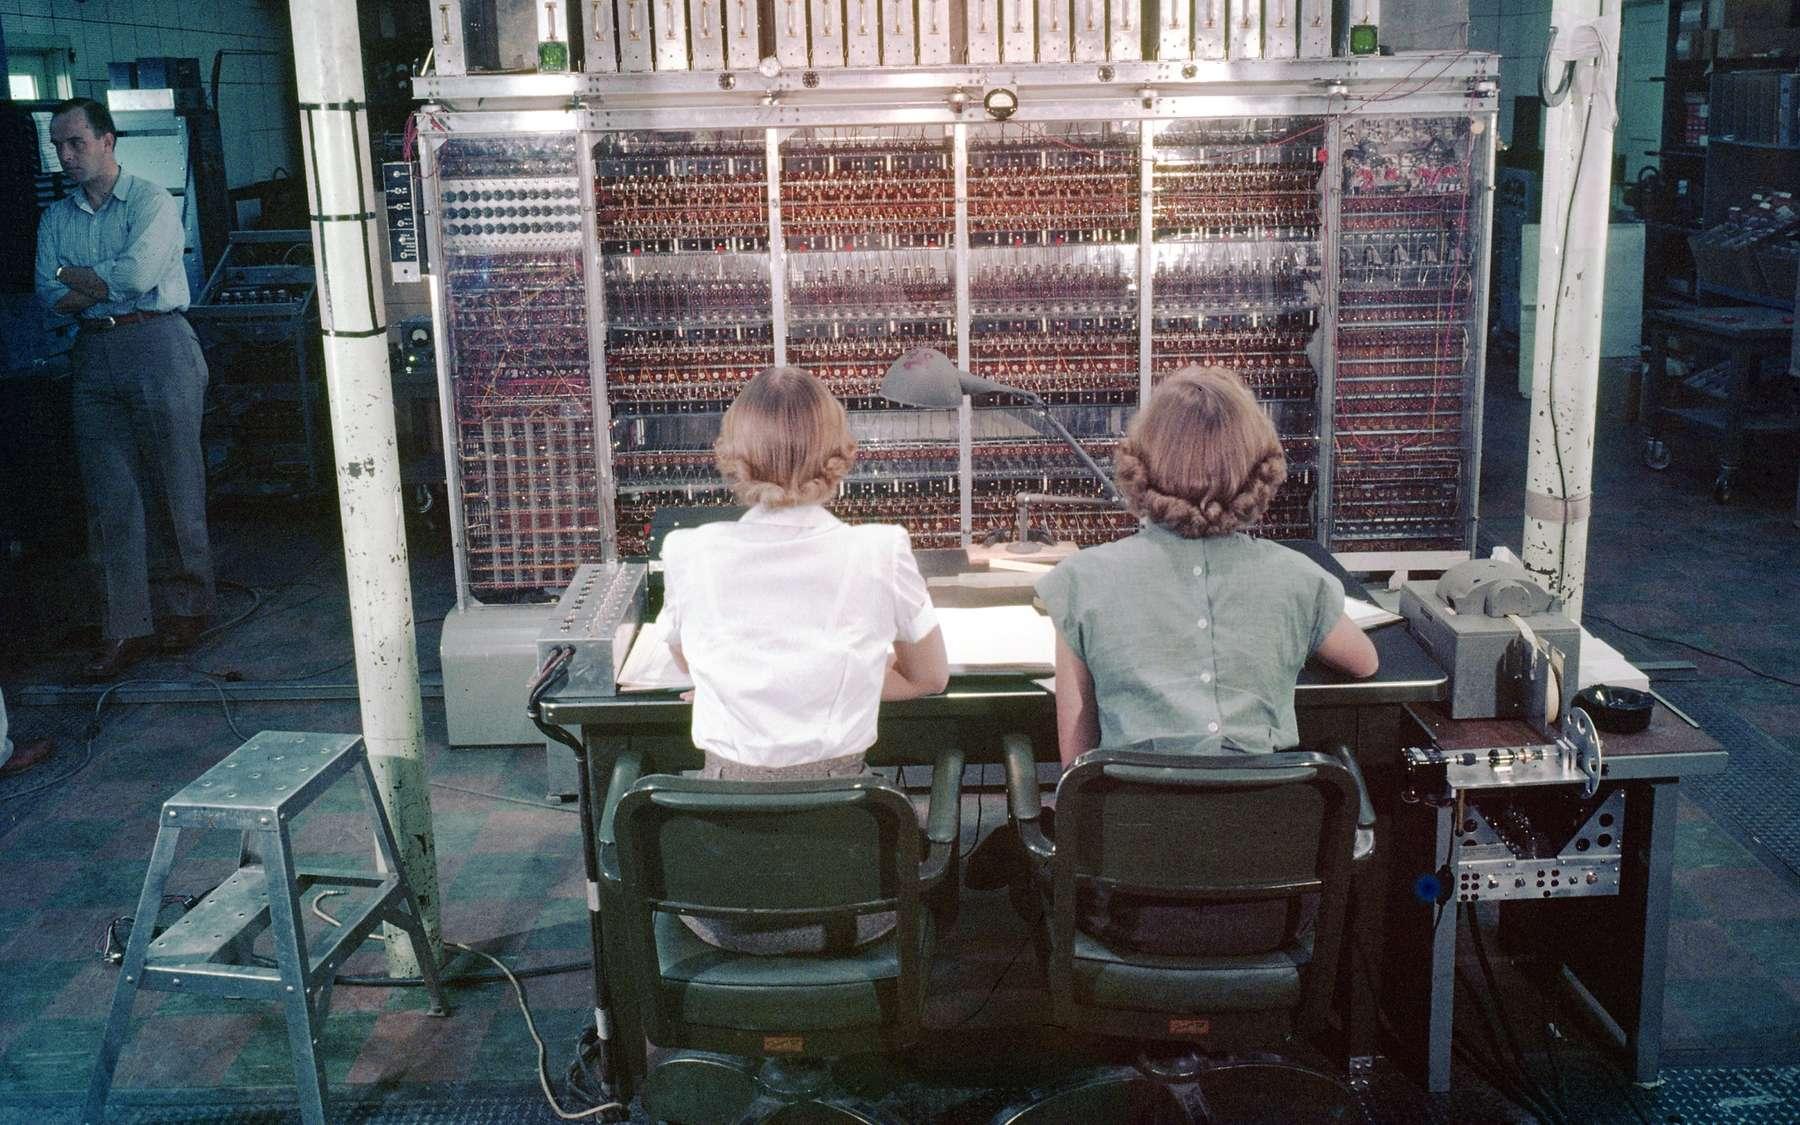 Maniac I était l'un des premiers ordinateurs avec la fameuse architecture de Von Neumann au début des années 1950. Il a servi à concevoir la bombe à hydrogène et a permis la première expérience de physique numérique, celle de Fermi-Pasta-Ulam. On le voit sur cette photo avec peut-être Mary Tsingou, l'informaticienne qui l'a programmé pour réaliser l'expérience de FPU. © cc by snc and nd 2.0, University of California